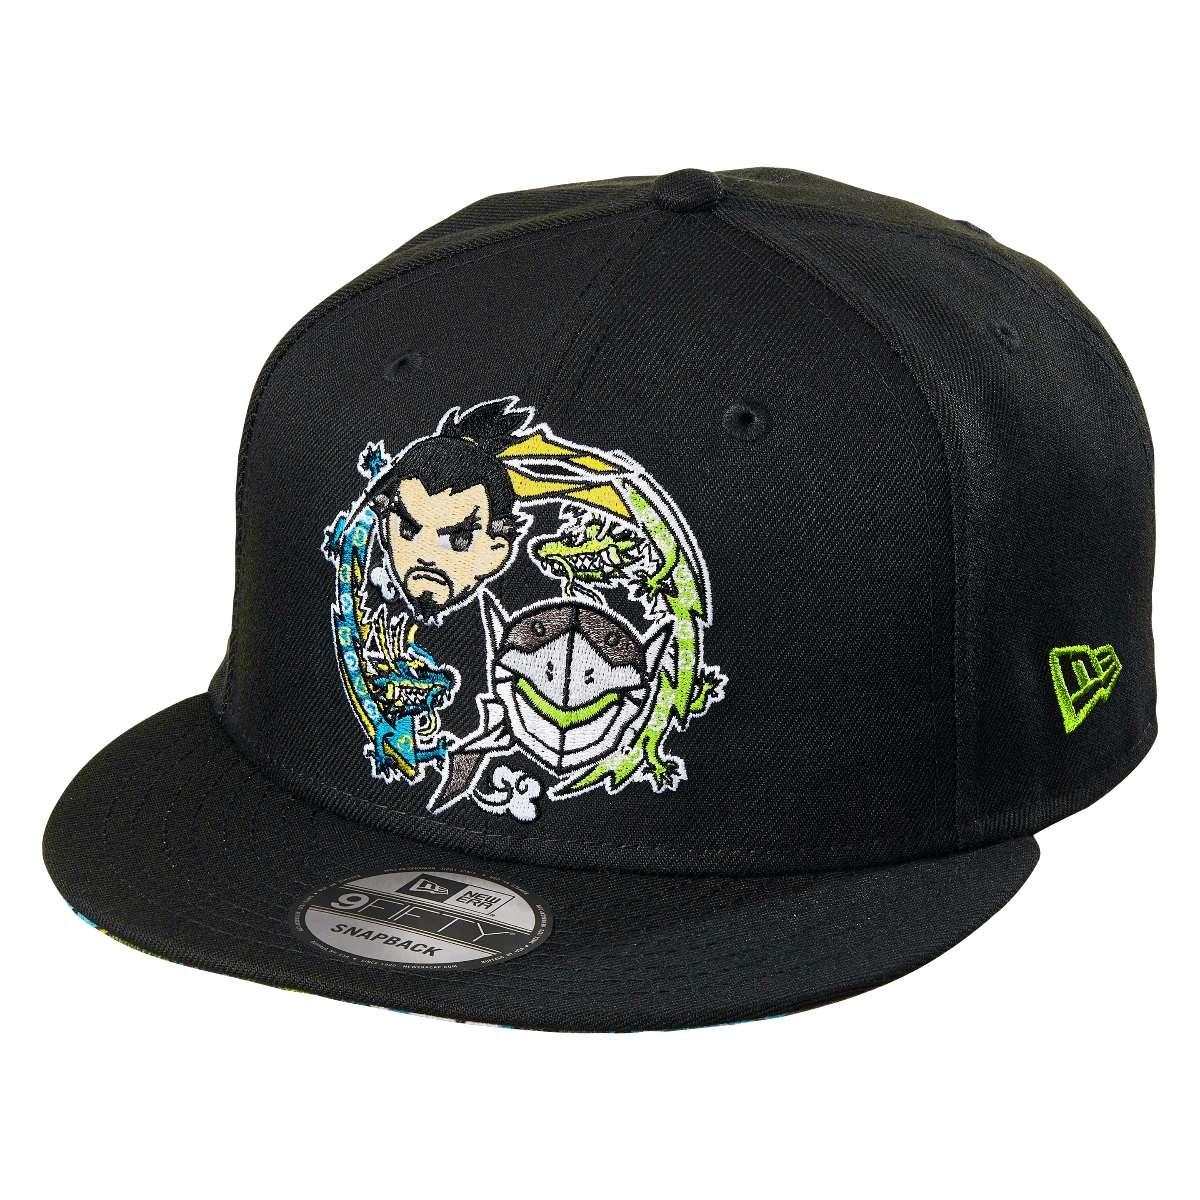 Hat: Overwatch - Tokidoki x Overwatch Hanzo & Genji Snapback Hat Photo